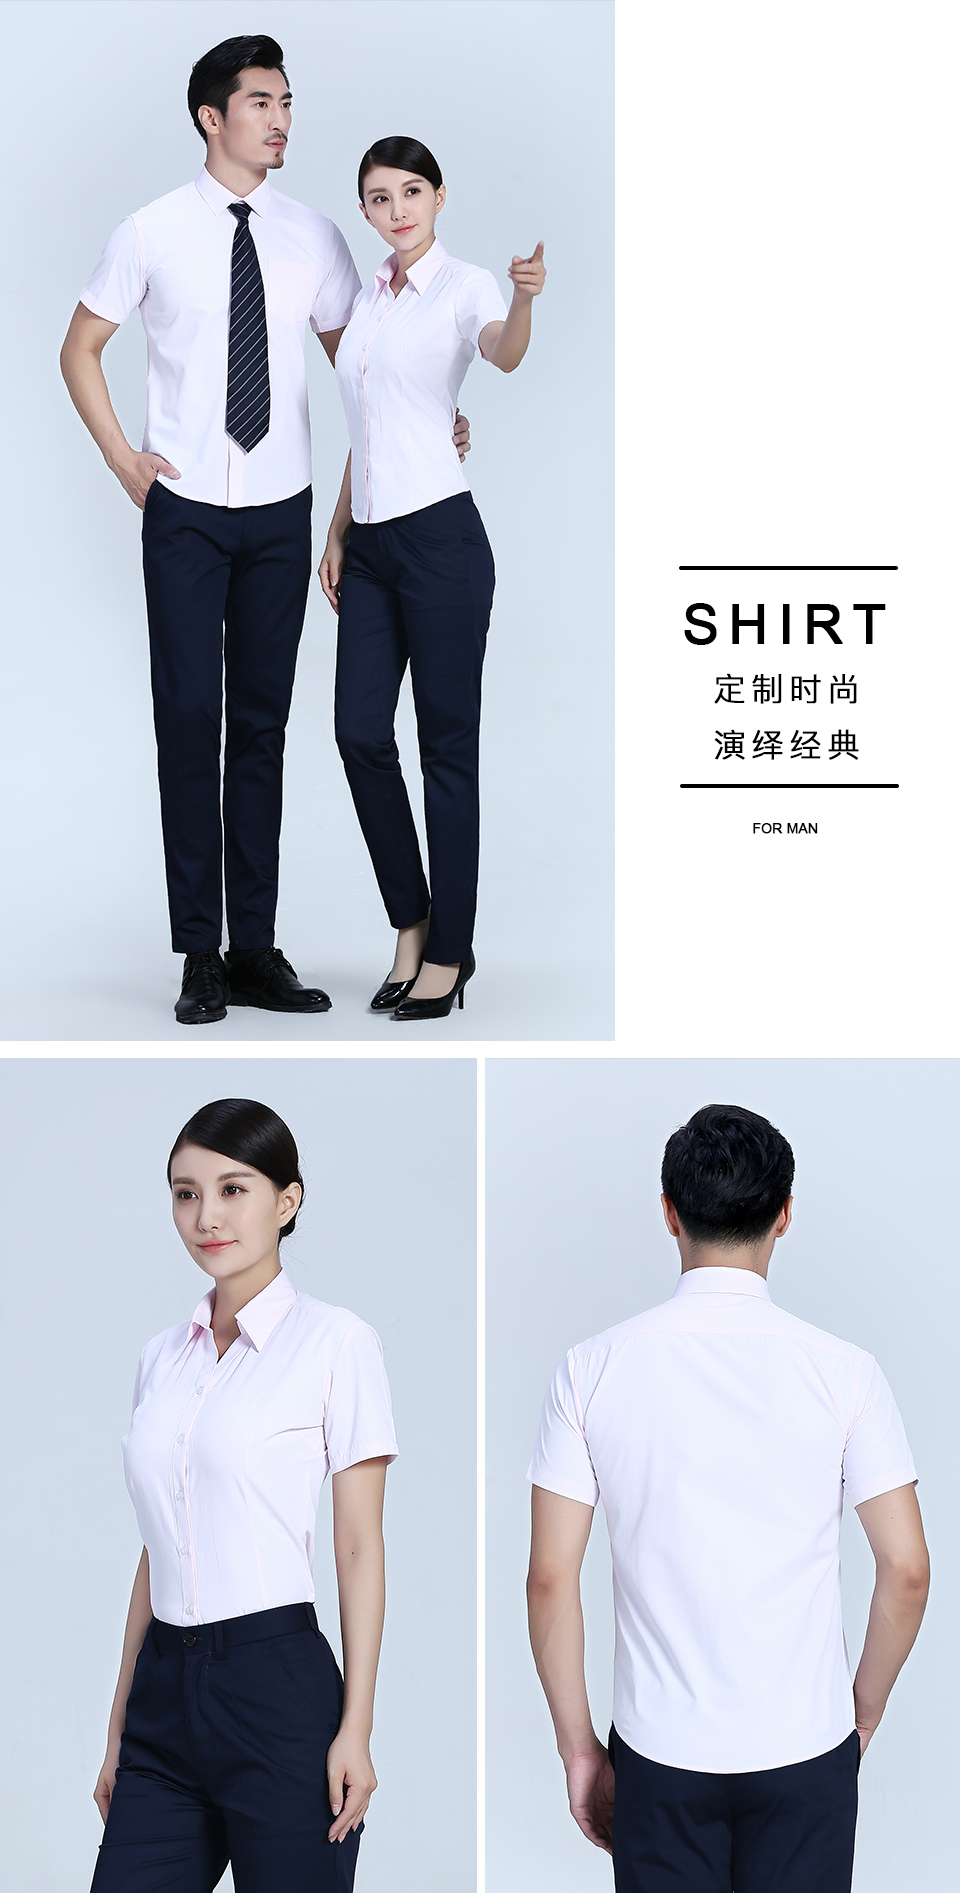 2019新款男士粉色衬衫全棉商务短袖衬衫